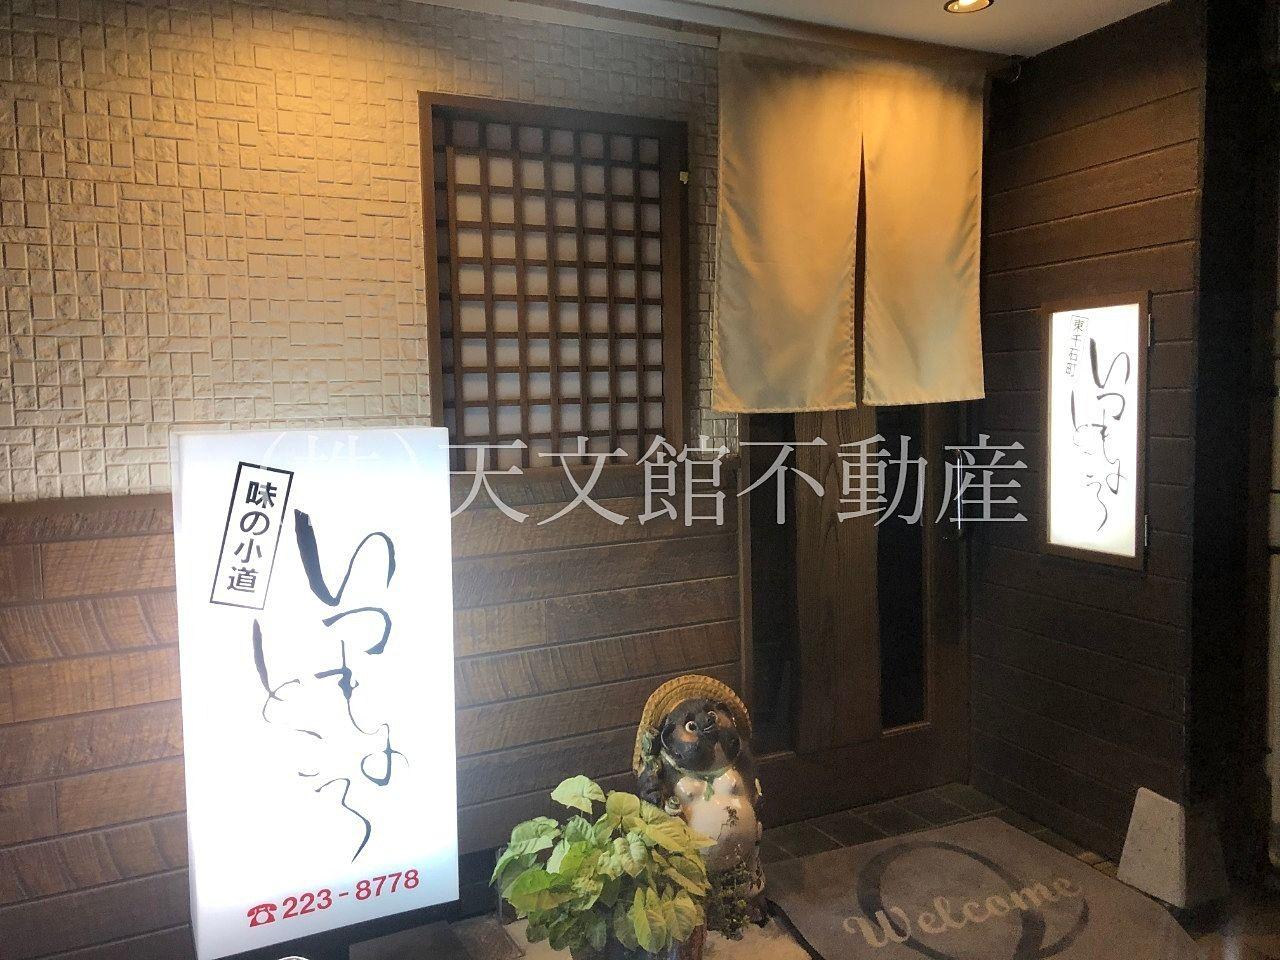 鹿児島市東千石町の「いつものところ」というおでん屋さんに行ってきました。